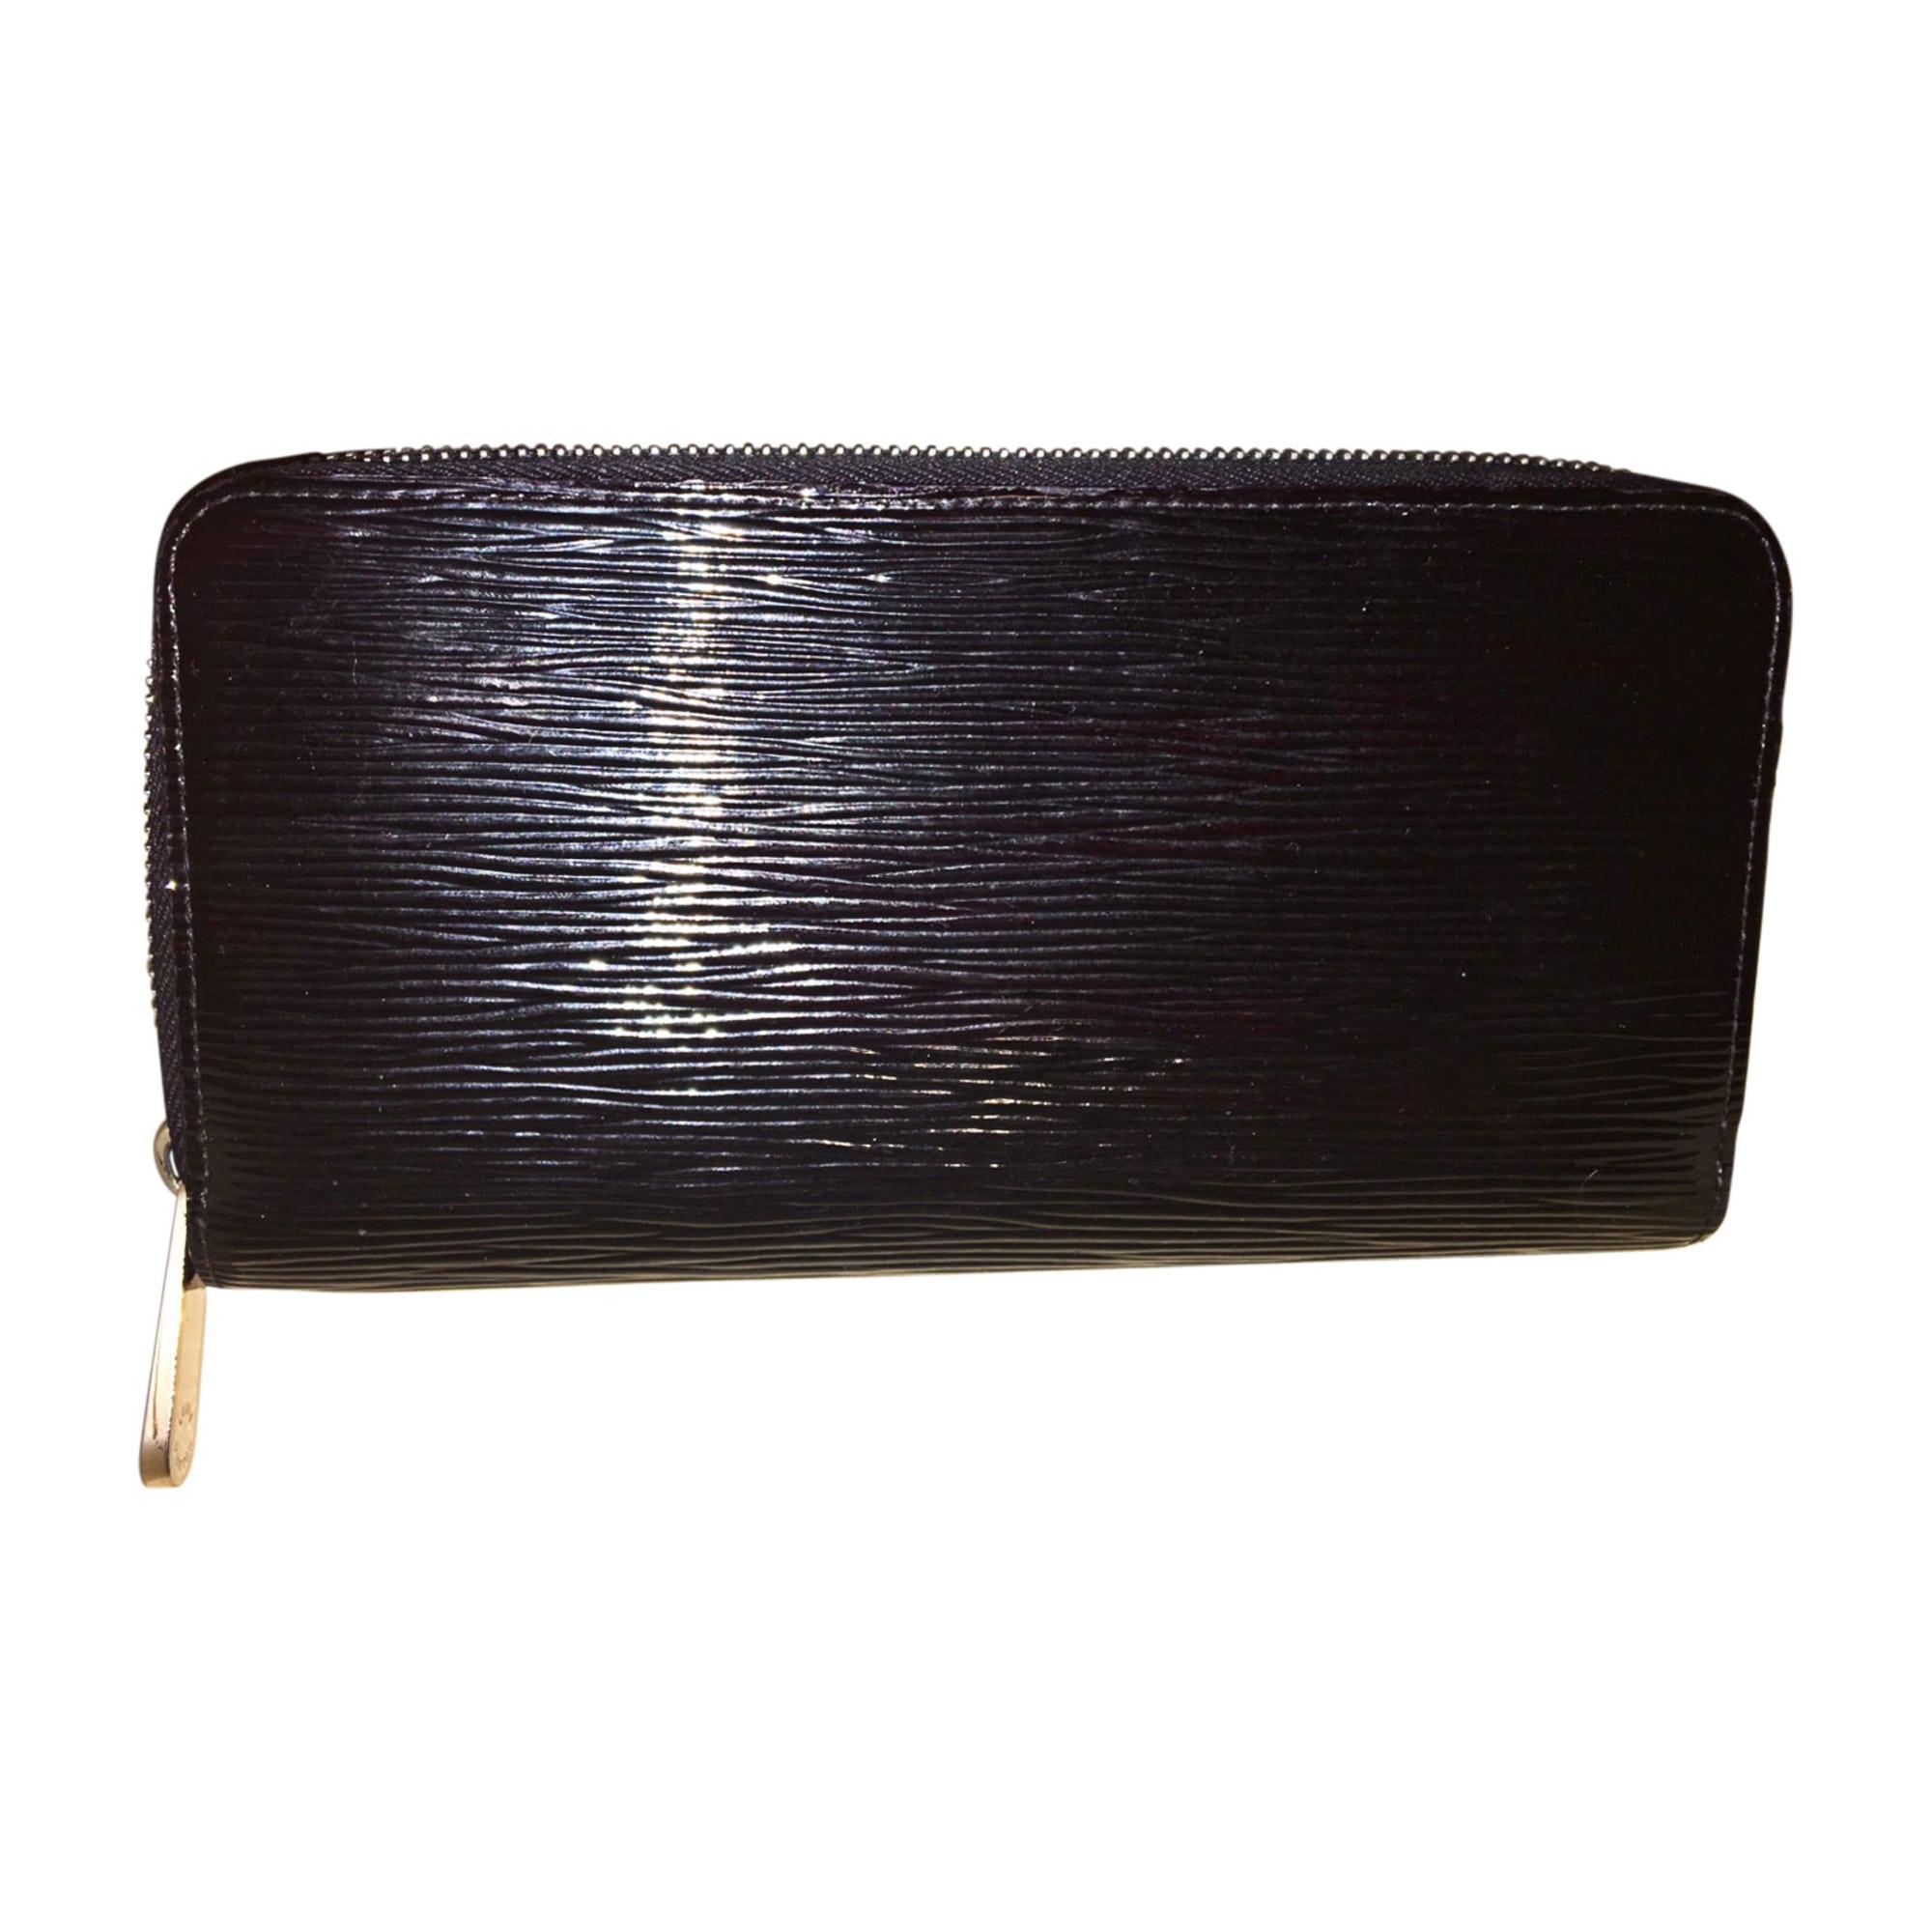 9da54f4e6a40 Portefeuille LOUIS VUITTON noir vendu par Roxanne 07585829 - 8074472